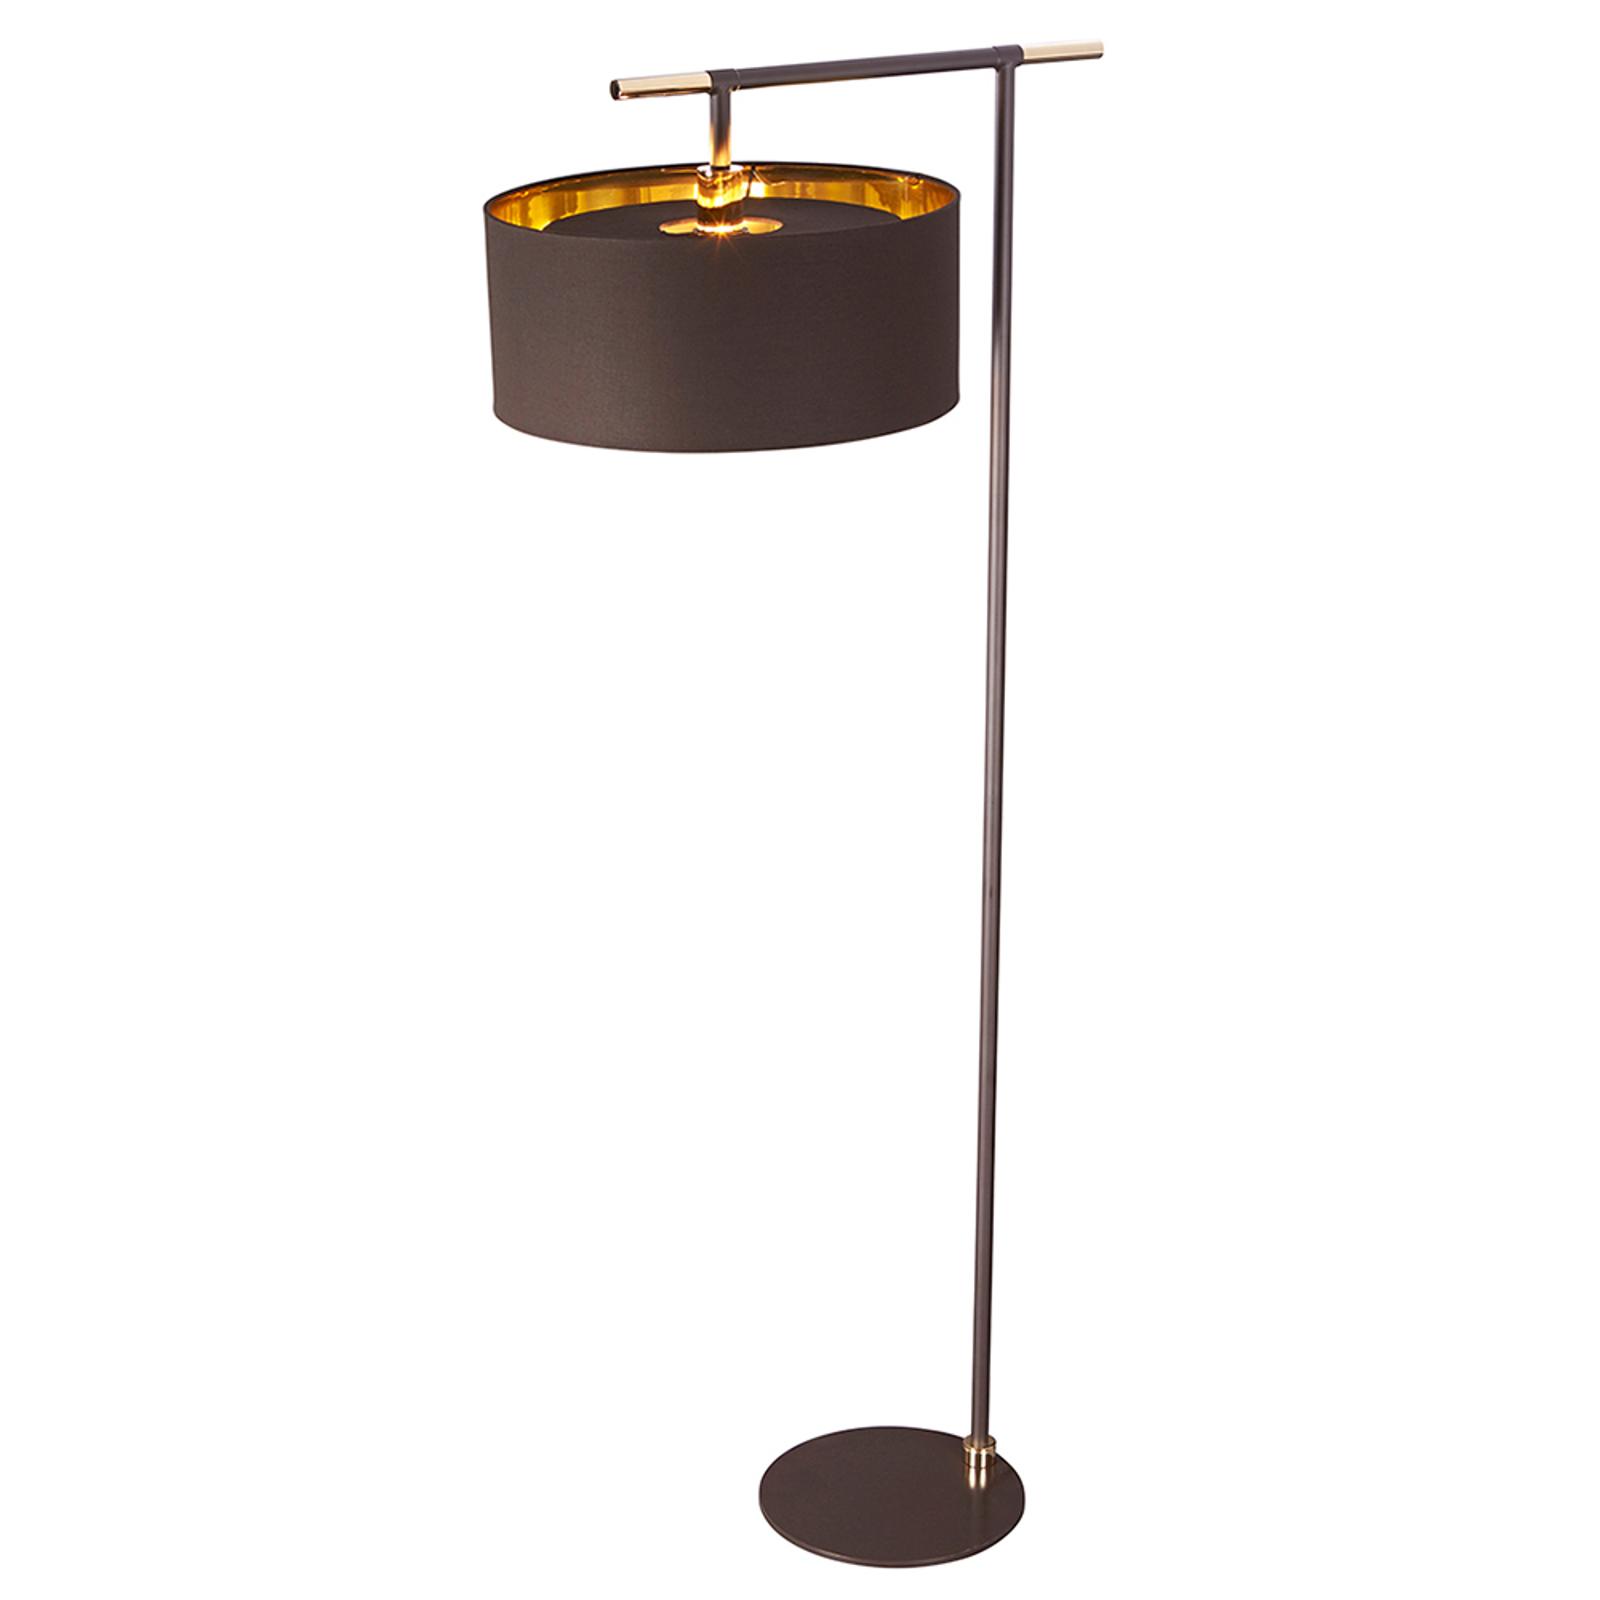 Mooie stoffen vloerlamp Balance